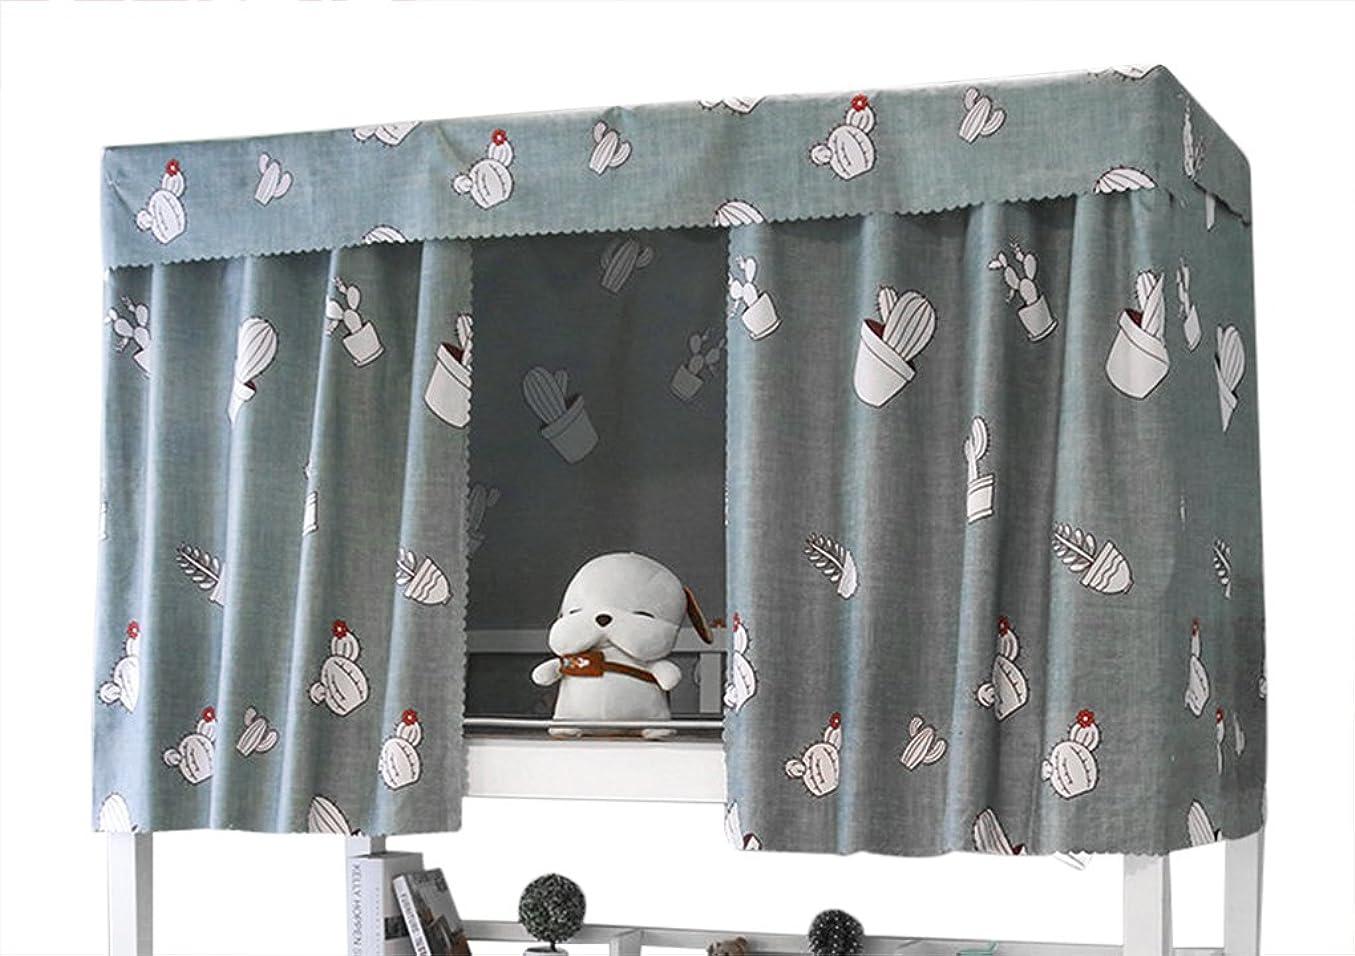 対人浅い間違い寝室ベッド カーテン 学生 寮 女子 レディース 遮光カーテン 2段ベッド用 星柄 美しい 間仕切りカーテン 目隠し 1.2m 厚手 おしゃれ 装飾品 ベッドカーテン 遮光 防塵 遮熱 取り付け簡単 お部屋 インテリア 人気